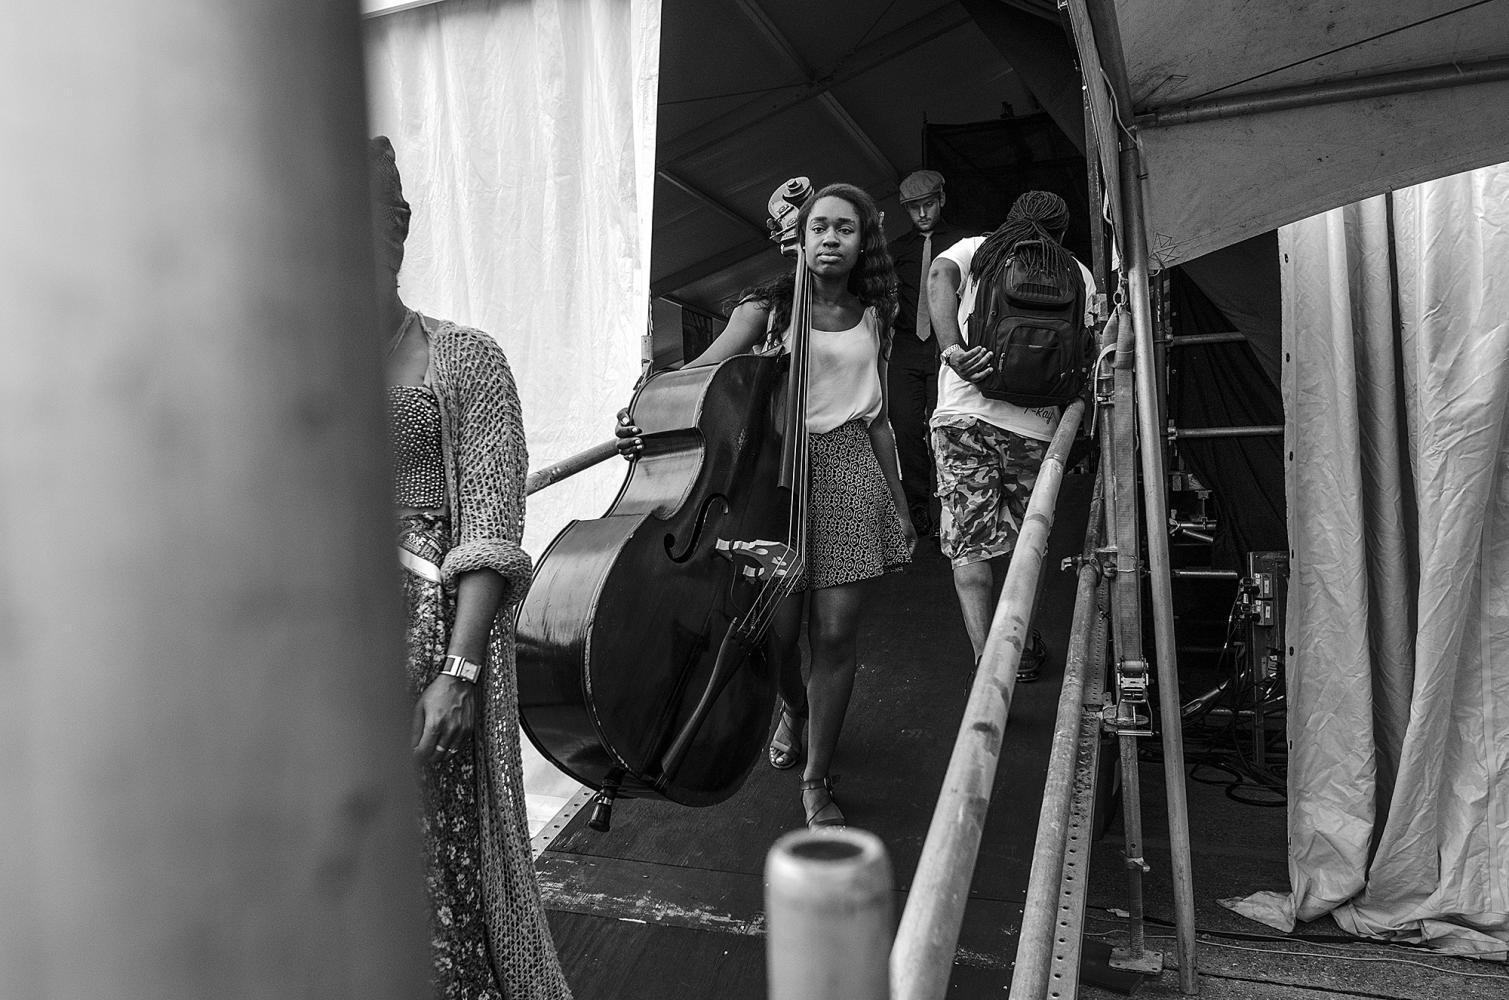 Amina Scott at Jazz Fest